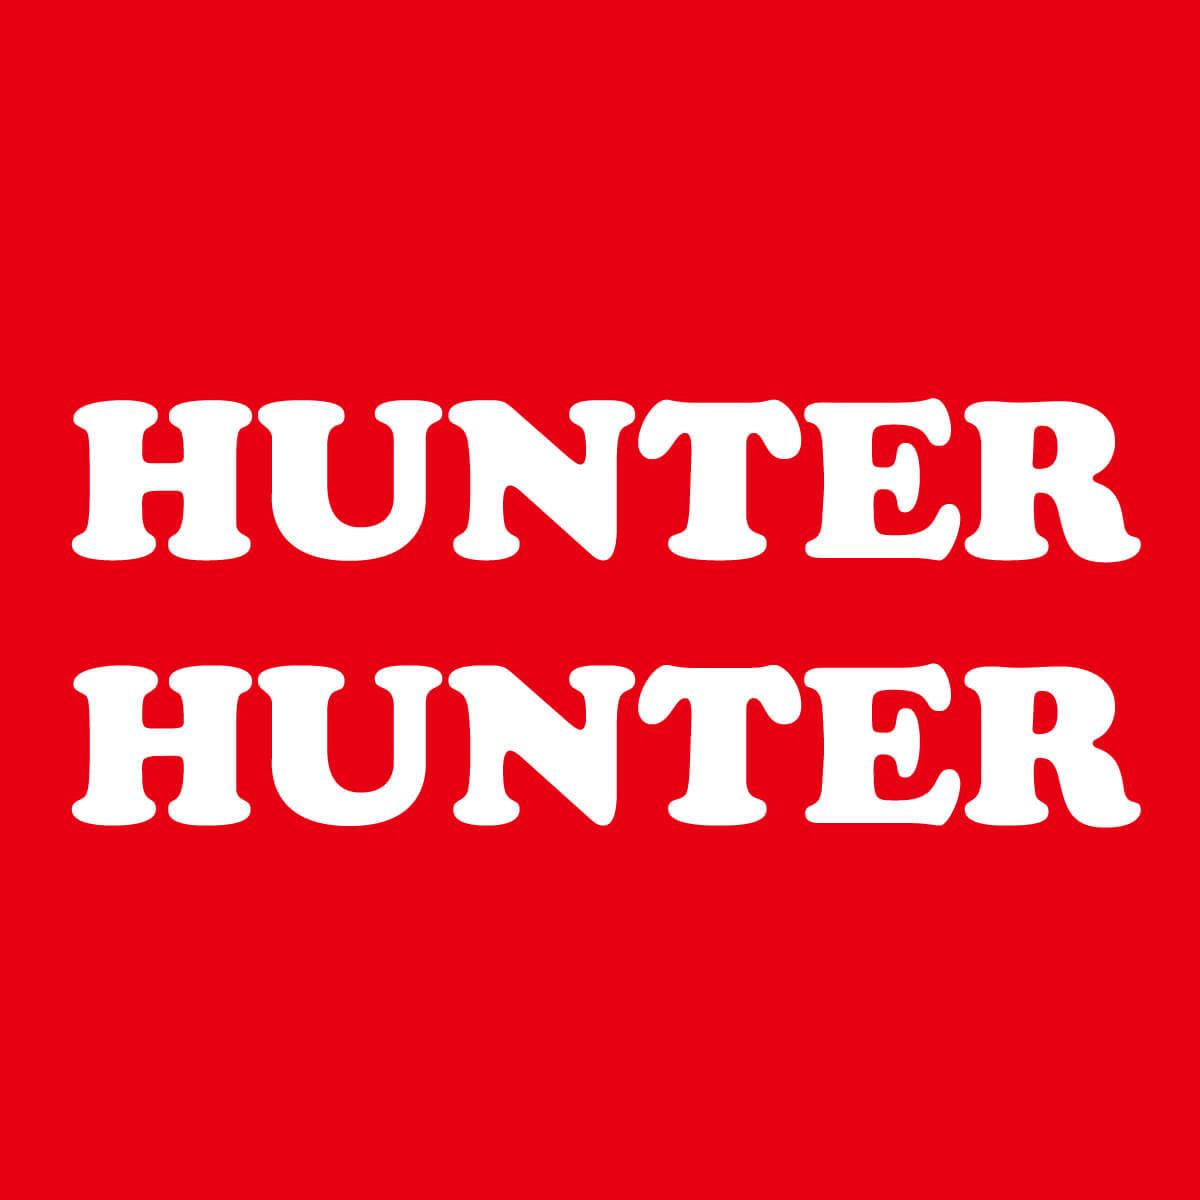 ハンター×ハンターアプリは裏ハンター試験を合格した念能力者のみ使可能?のアイキャッチ